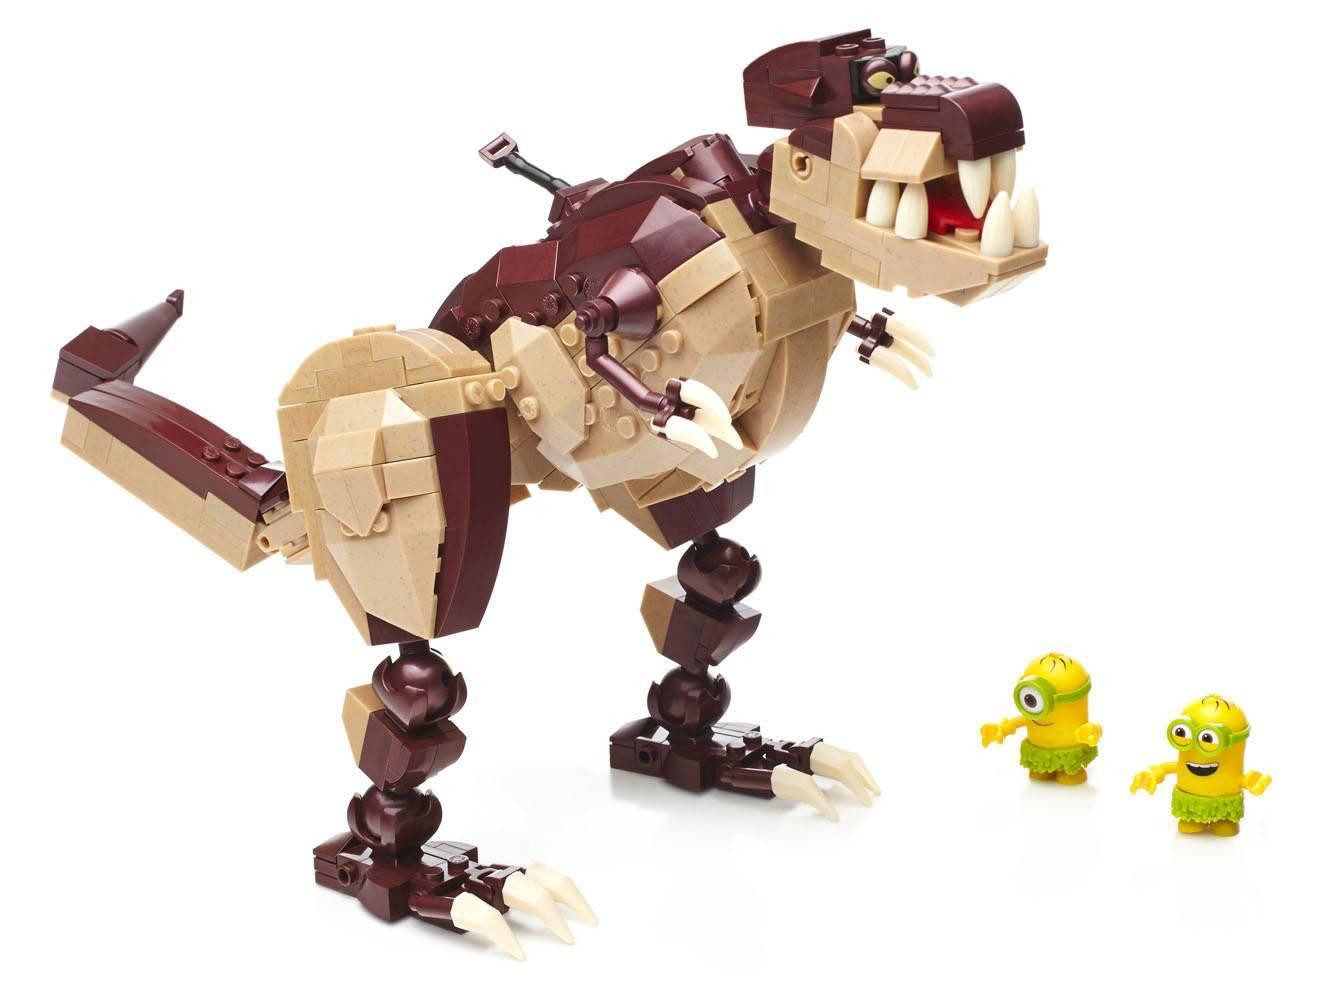 Mega Bloks Lego Instructions